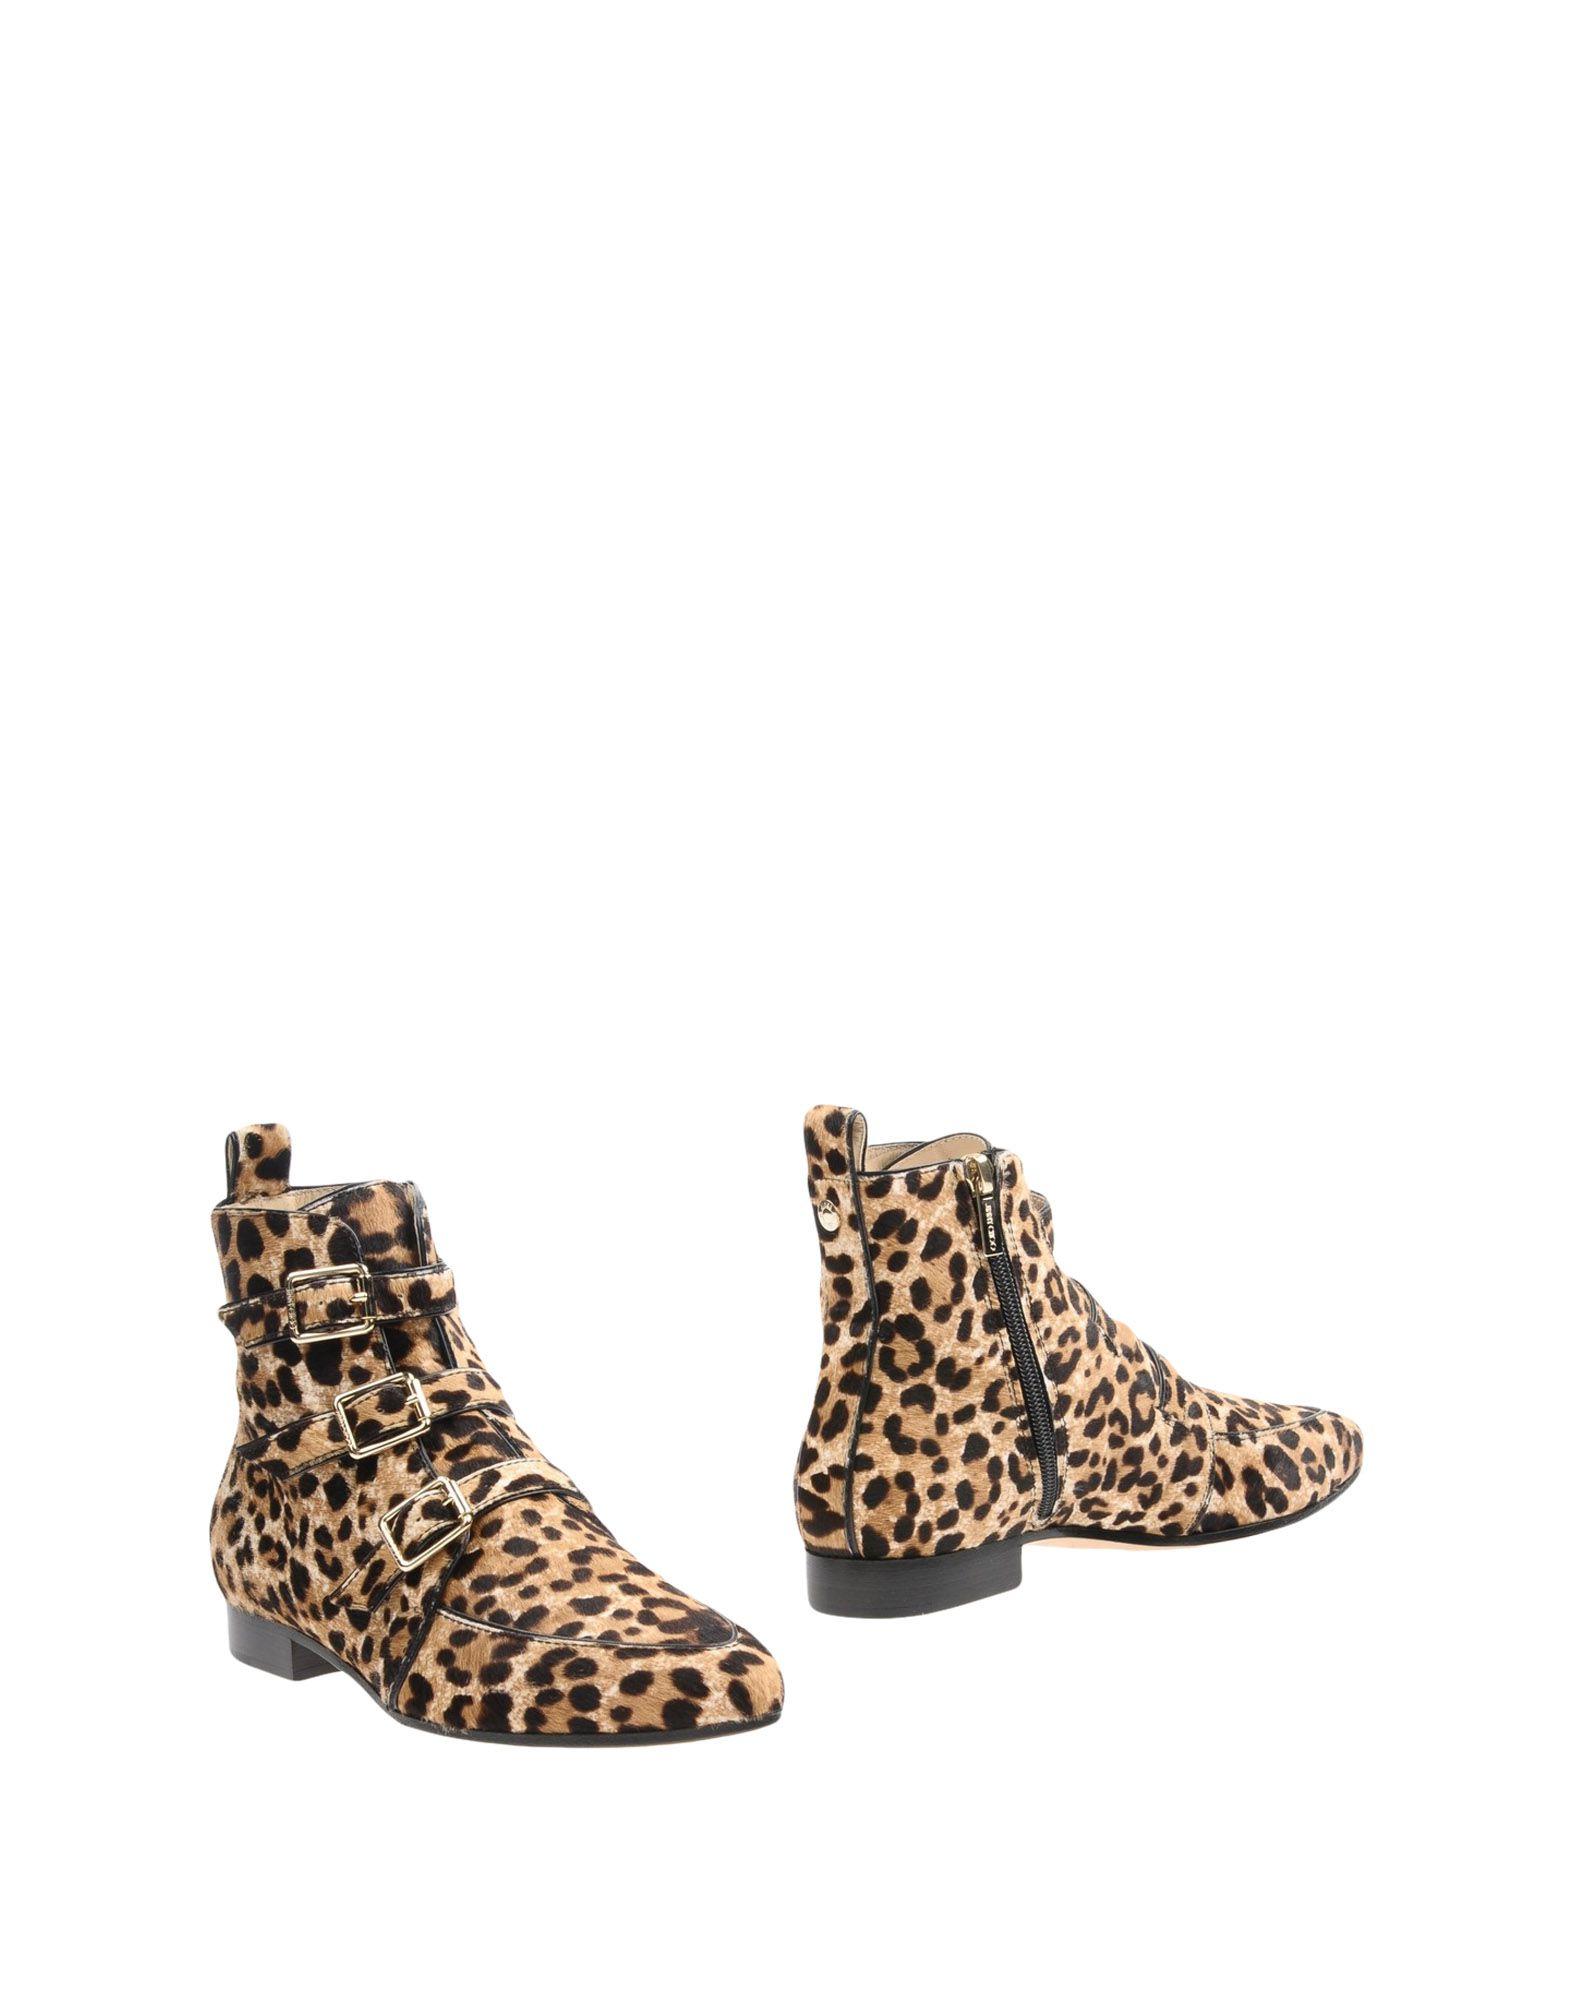 Jimmy Choo Stiefelette Damen Schuhe  11305845MKGünstige gut aussehende Schuhe Damen 541146